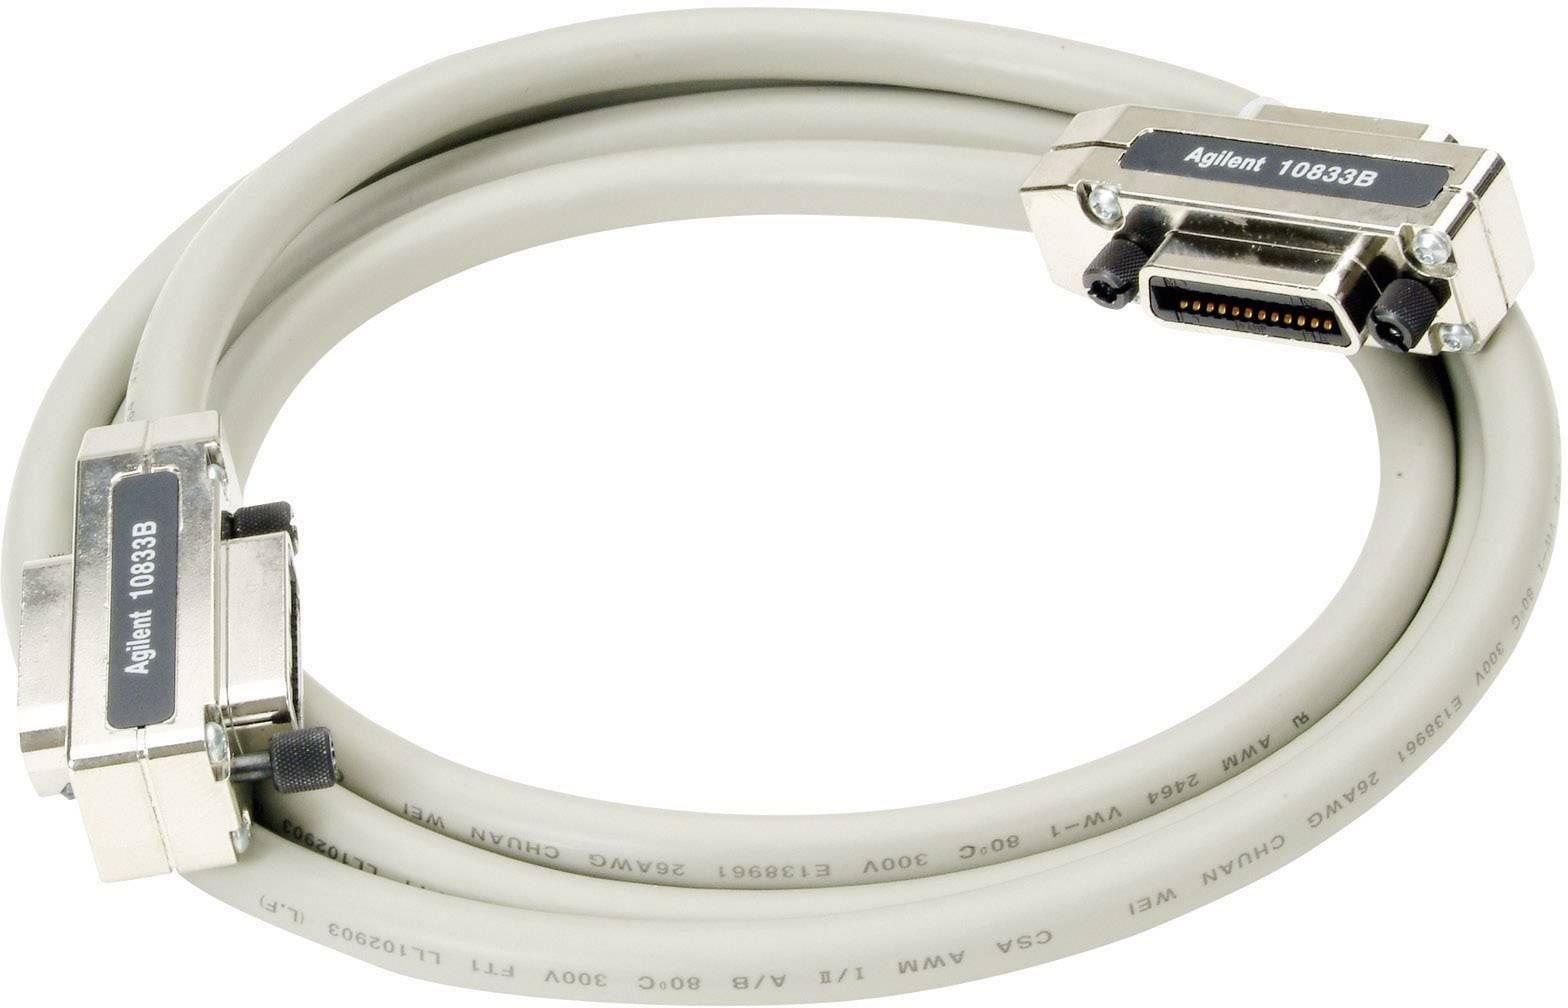 Kabel Agilent Technologies 10833A, 1 m